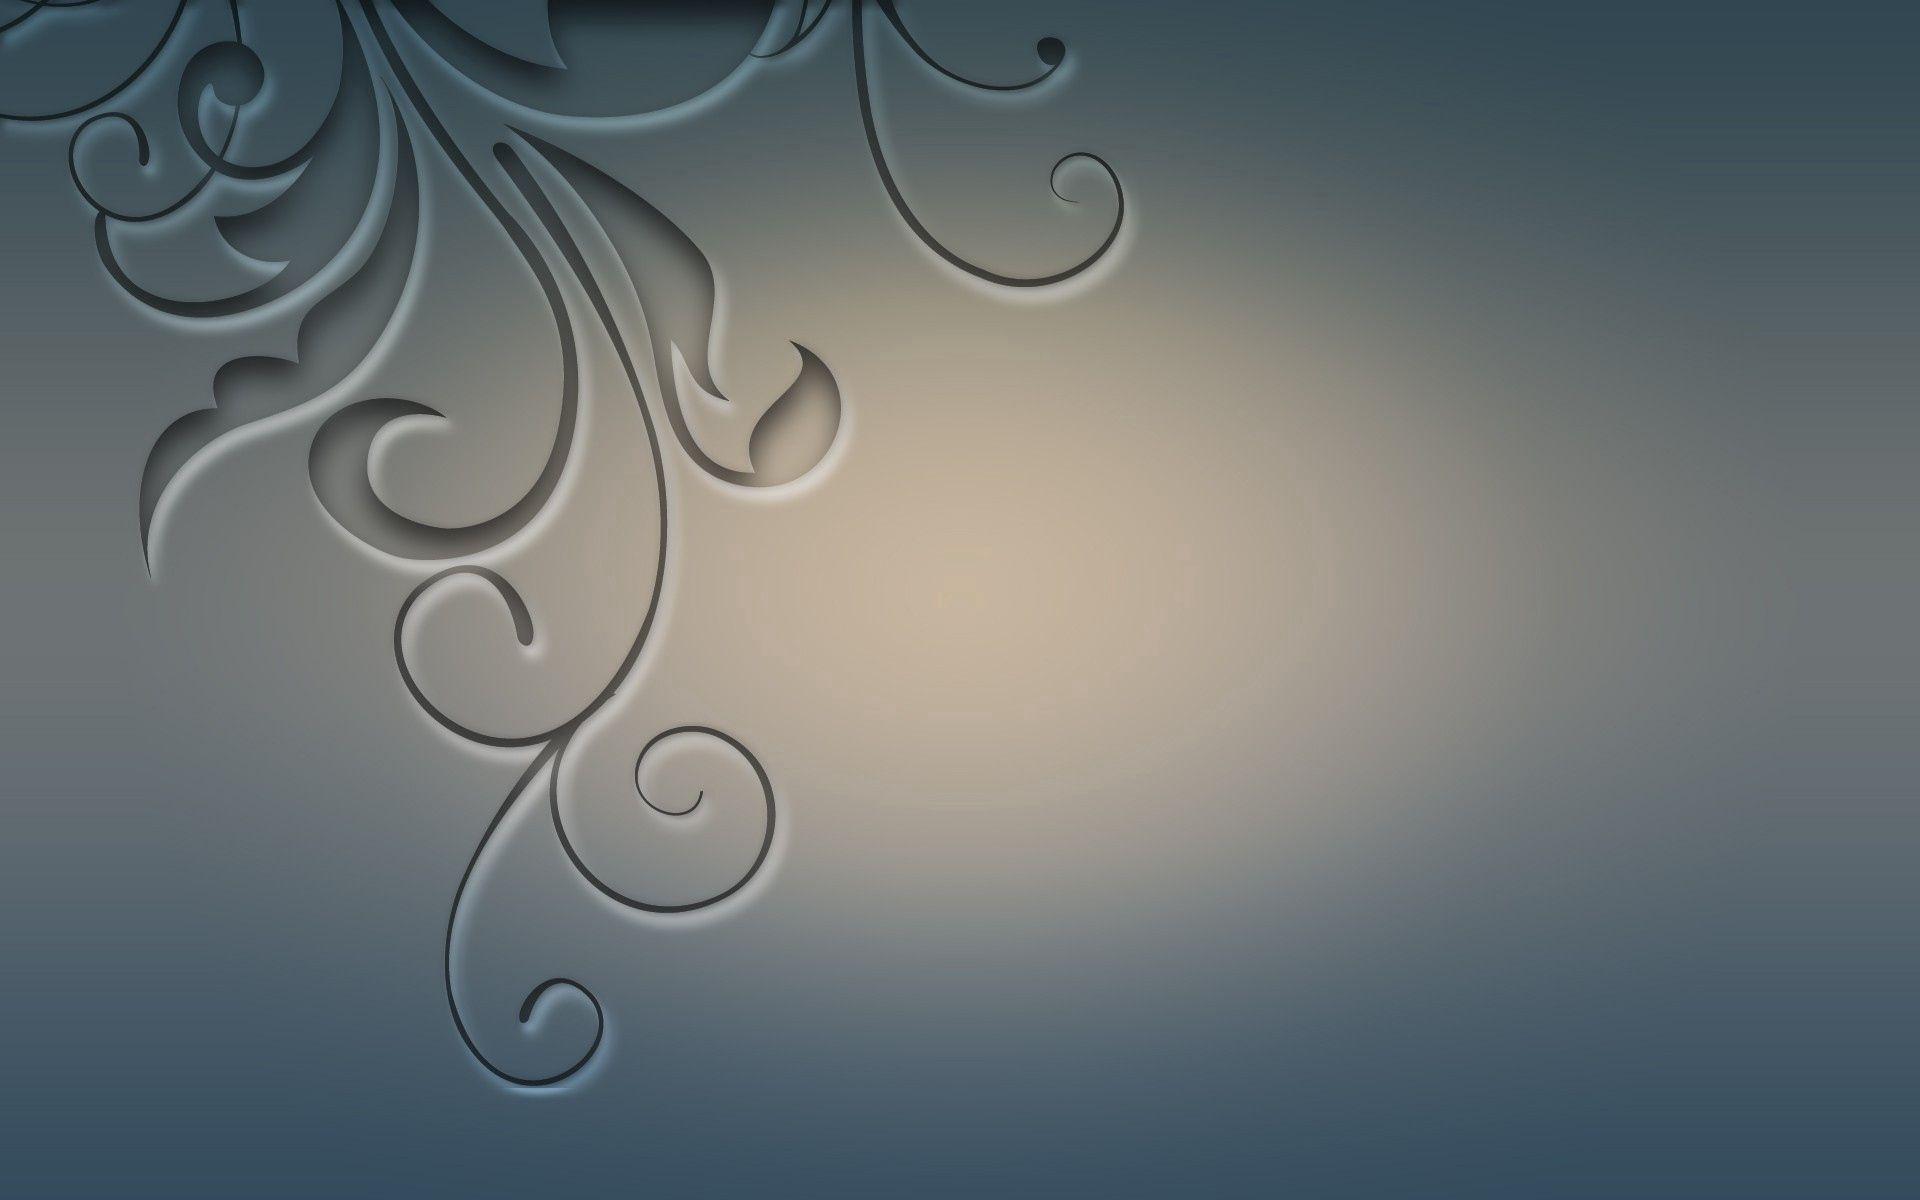 151450 Salvapantallas y fondos de pantalla Fondo en tu teléfono. Descarga imágenes de Texturas, Textura, Fondo, De Color Claro, Luz, Patrones gratis